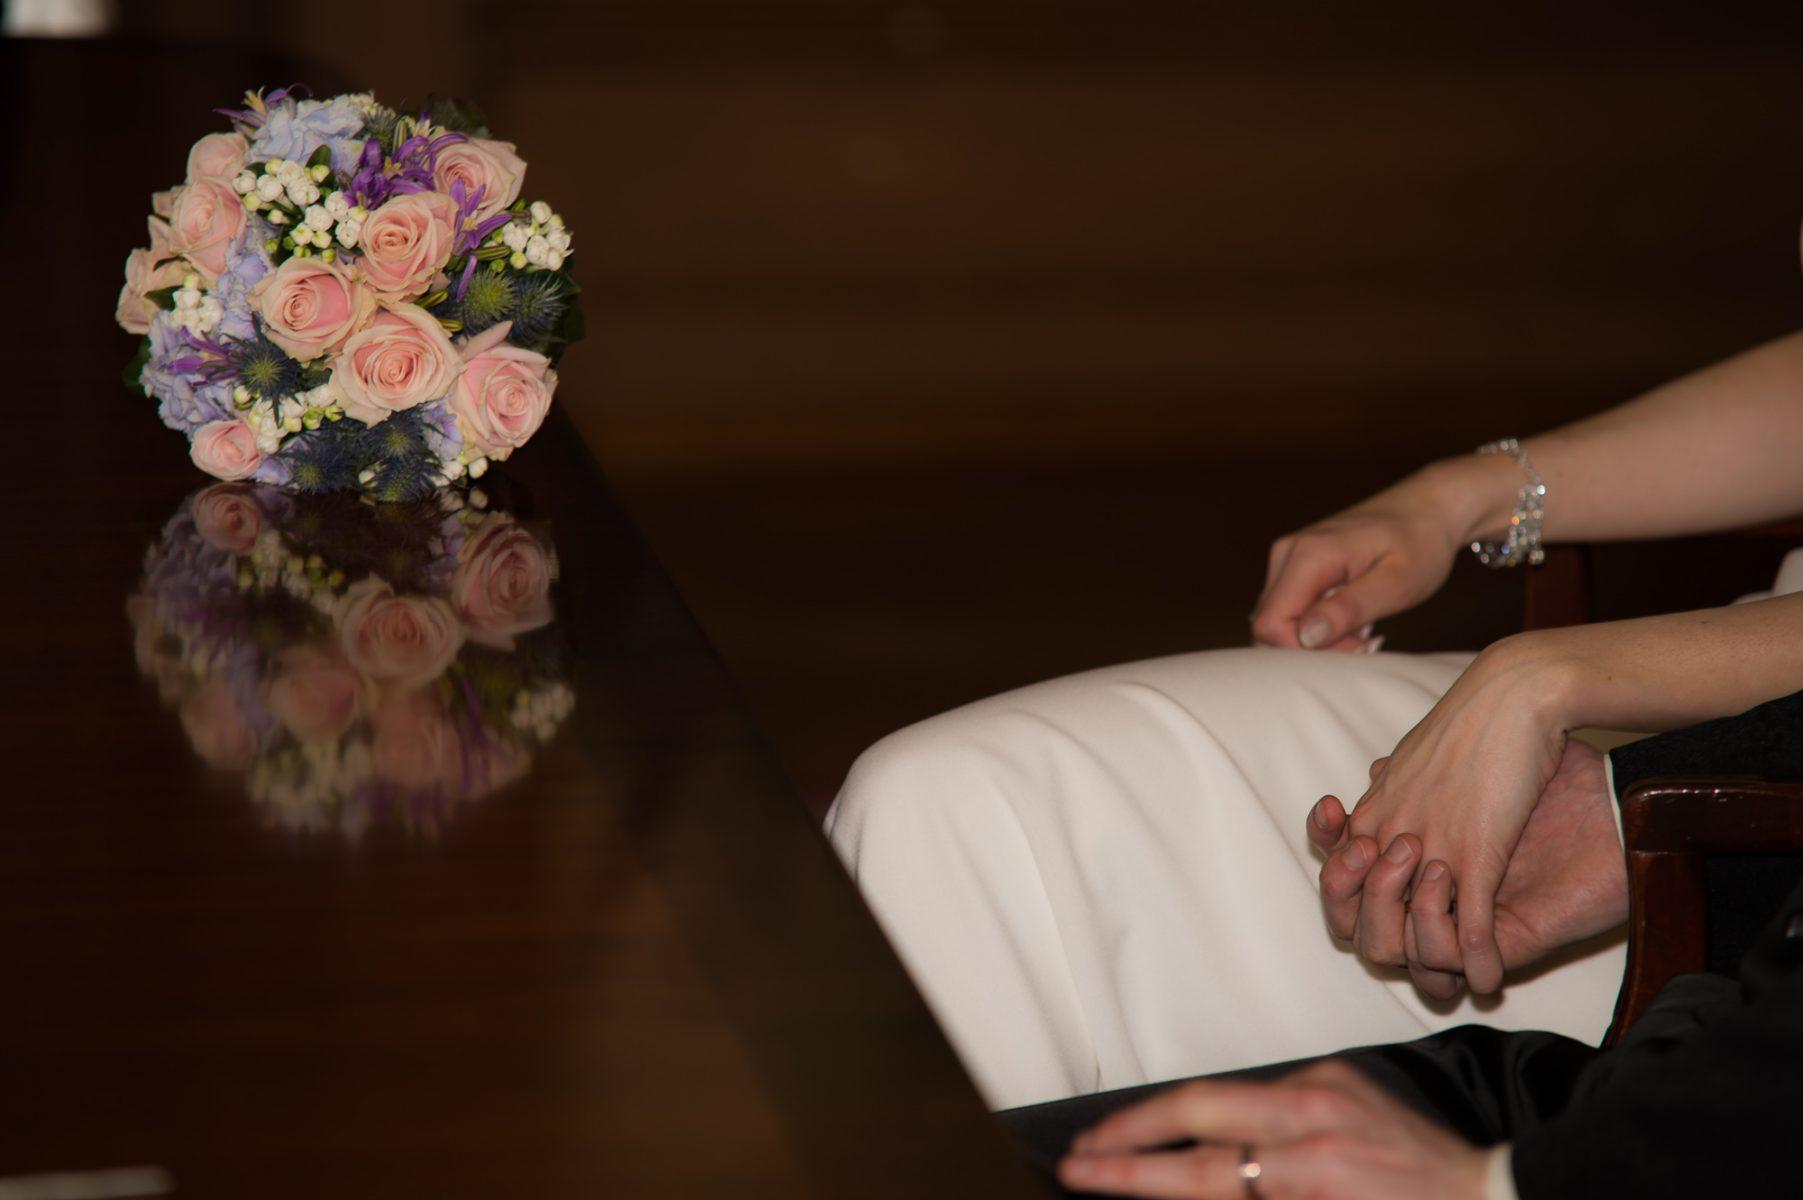 Hochzeit B2000  1491 180 1803x1200 - Hochzeitsfotografie